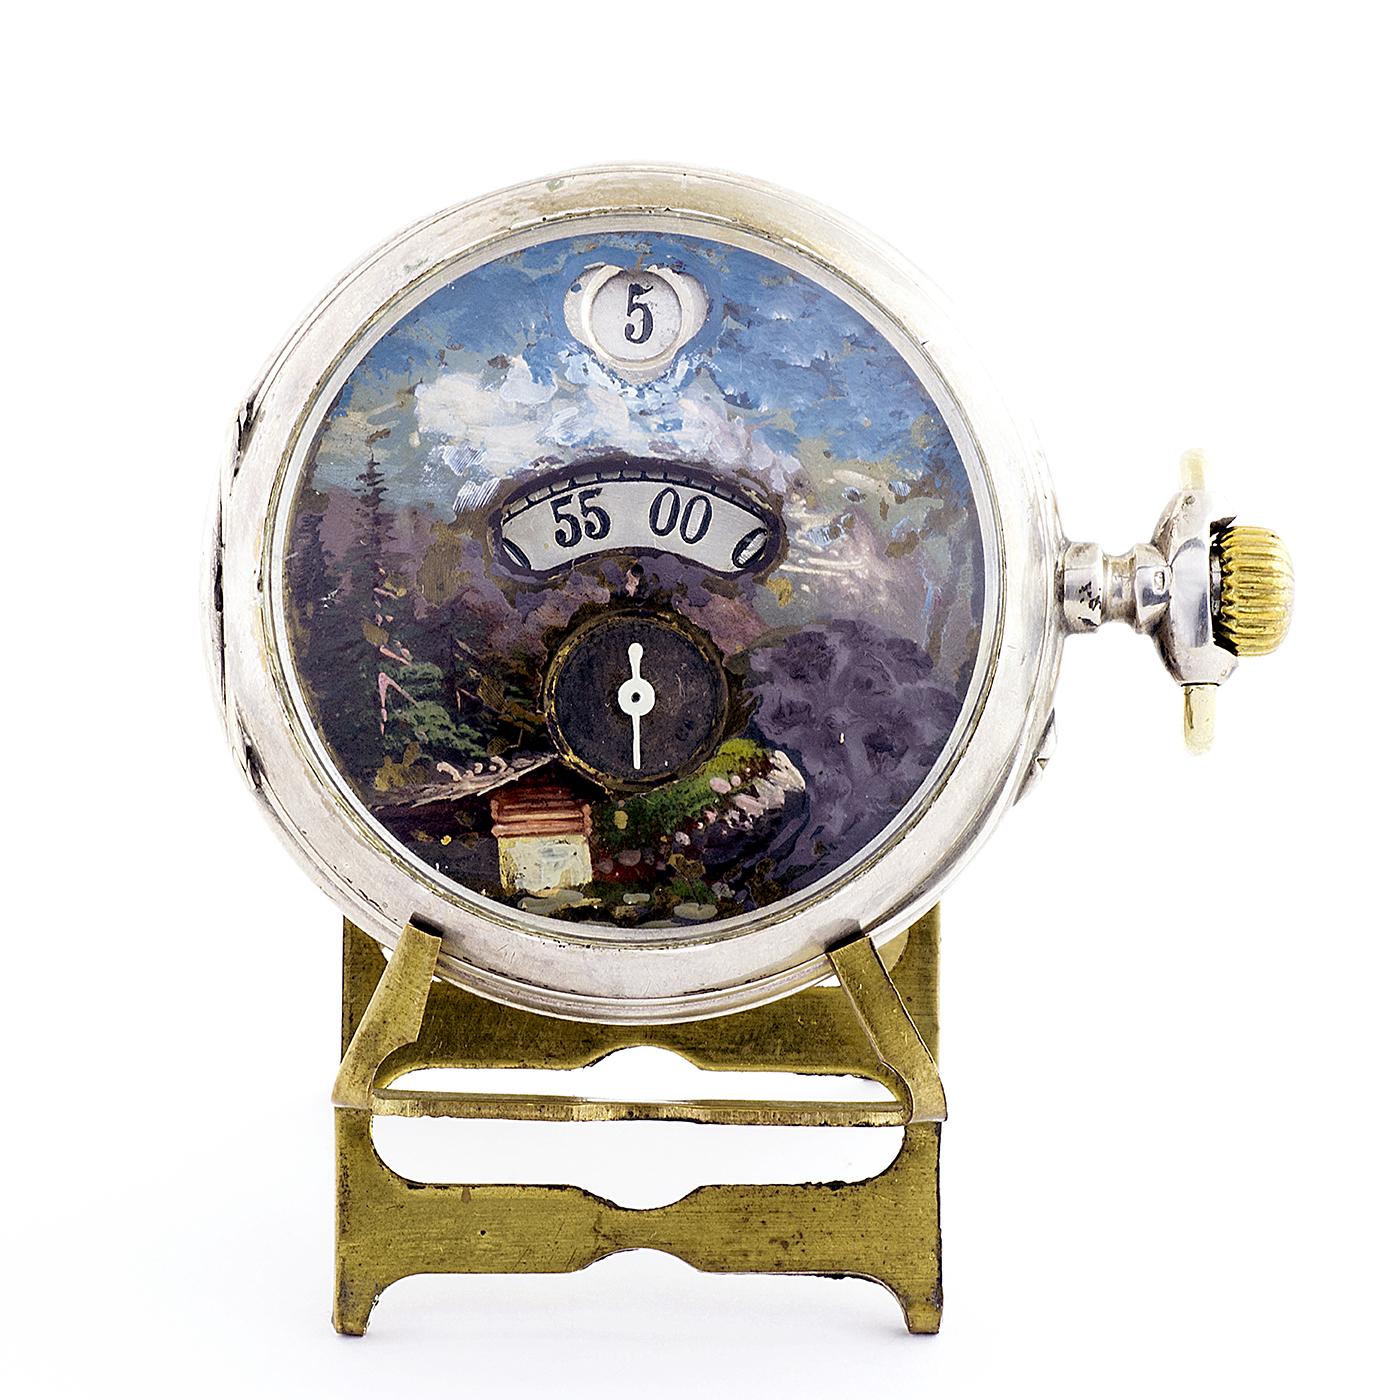 Fabricante Suizo - Horas y Minutos Saltantes - Reloj de bolsillo para Hombre. Ca. 1890.